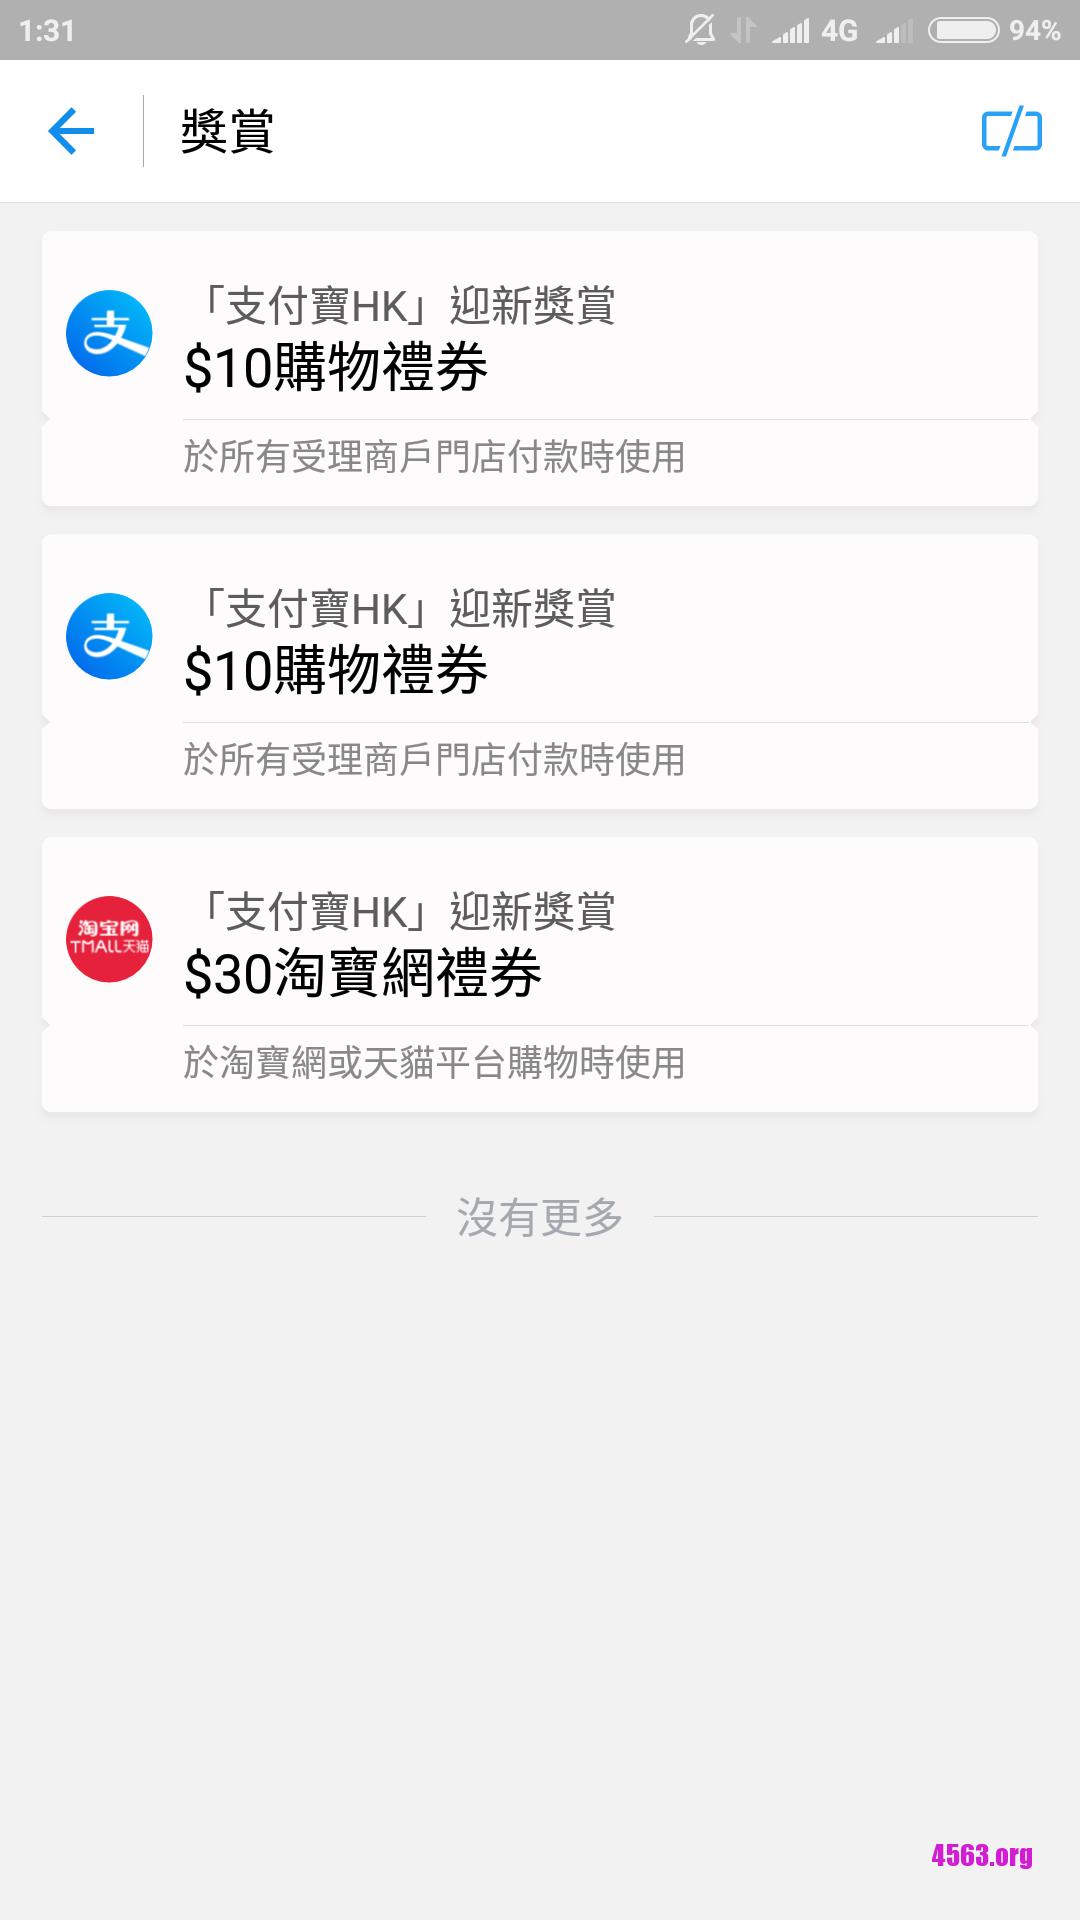 《[薅羊毛]支付寶HK新用戶送50元禮卷~》